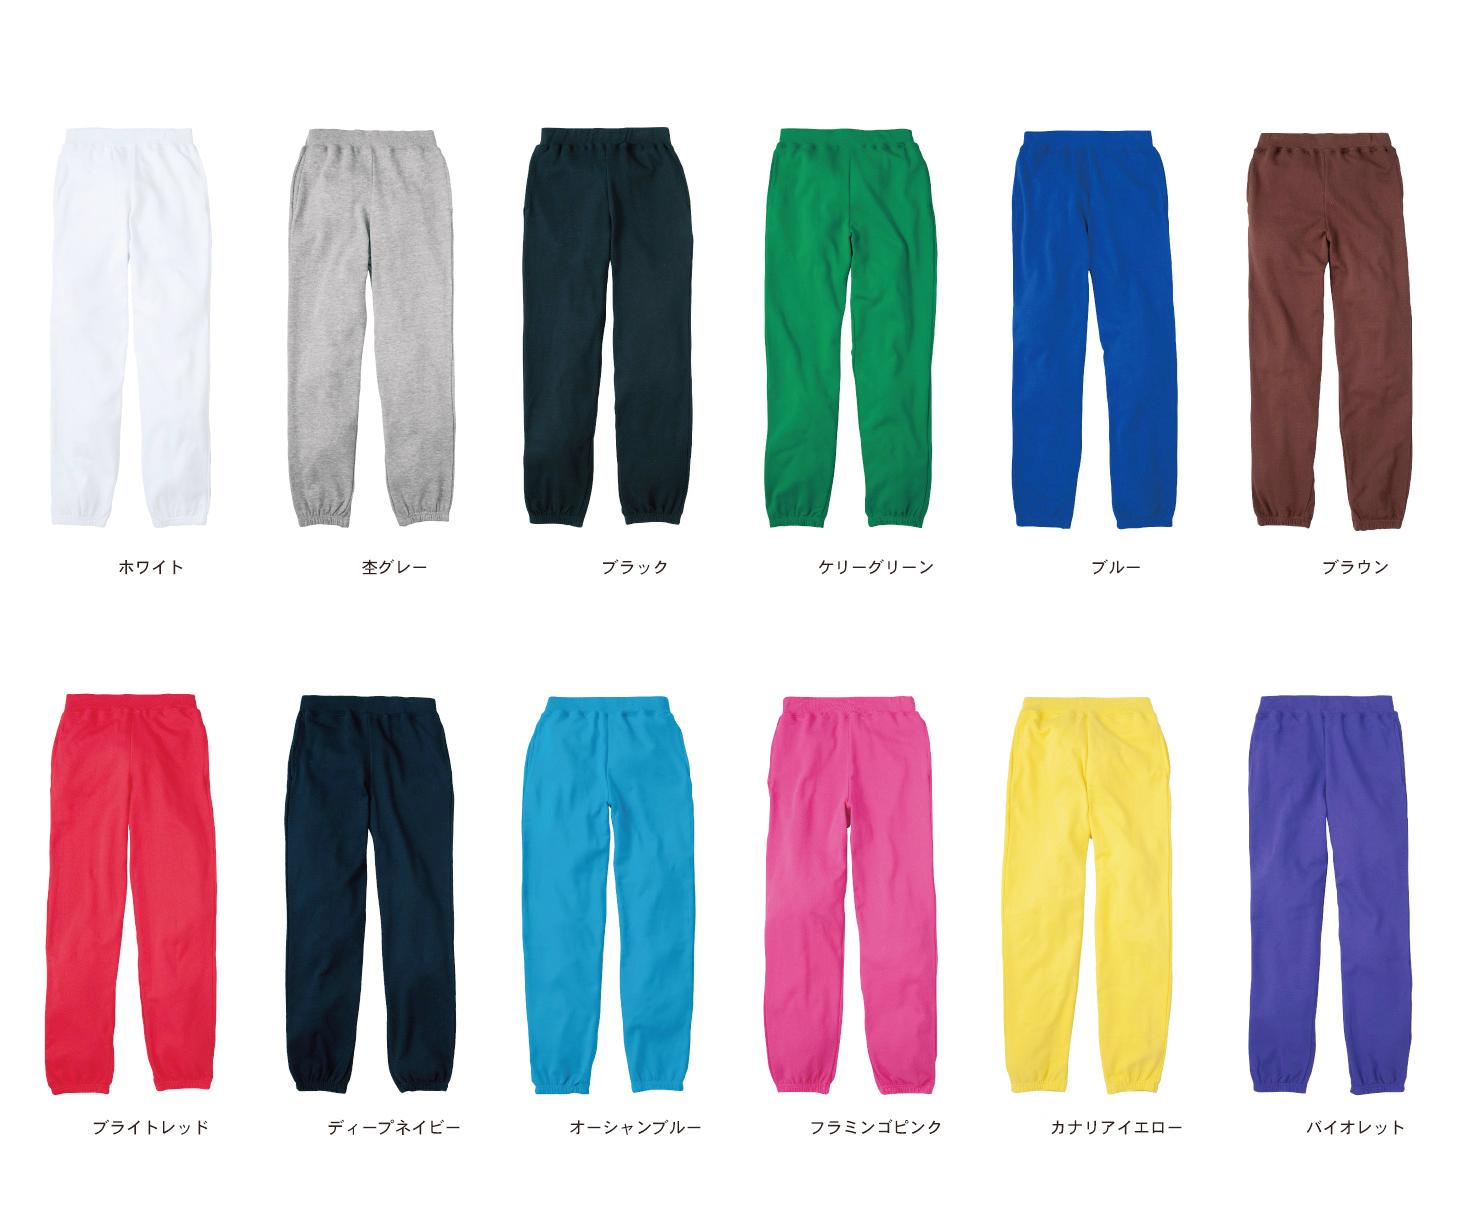 swetpants2